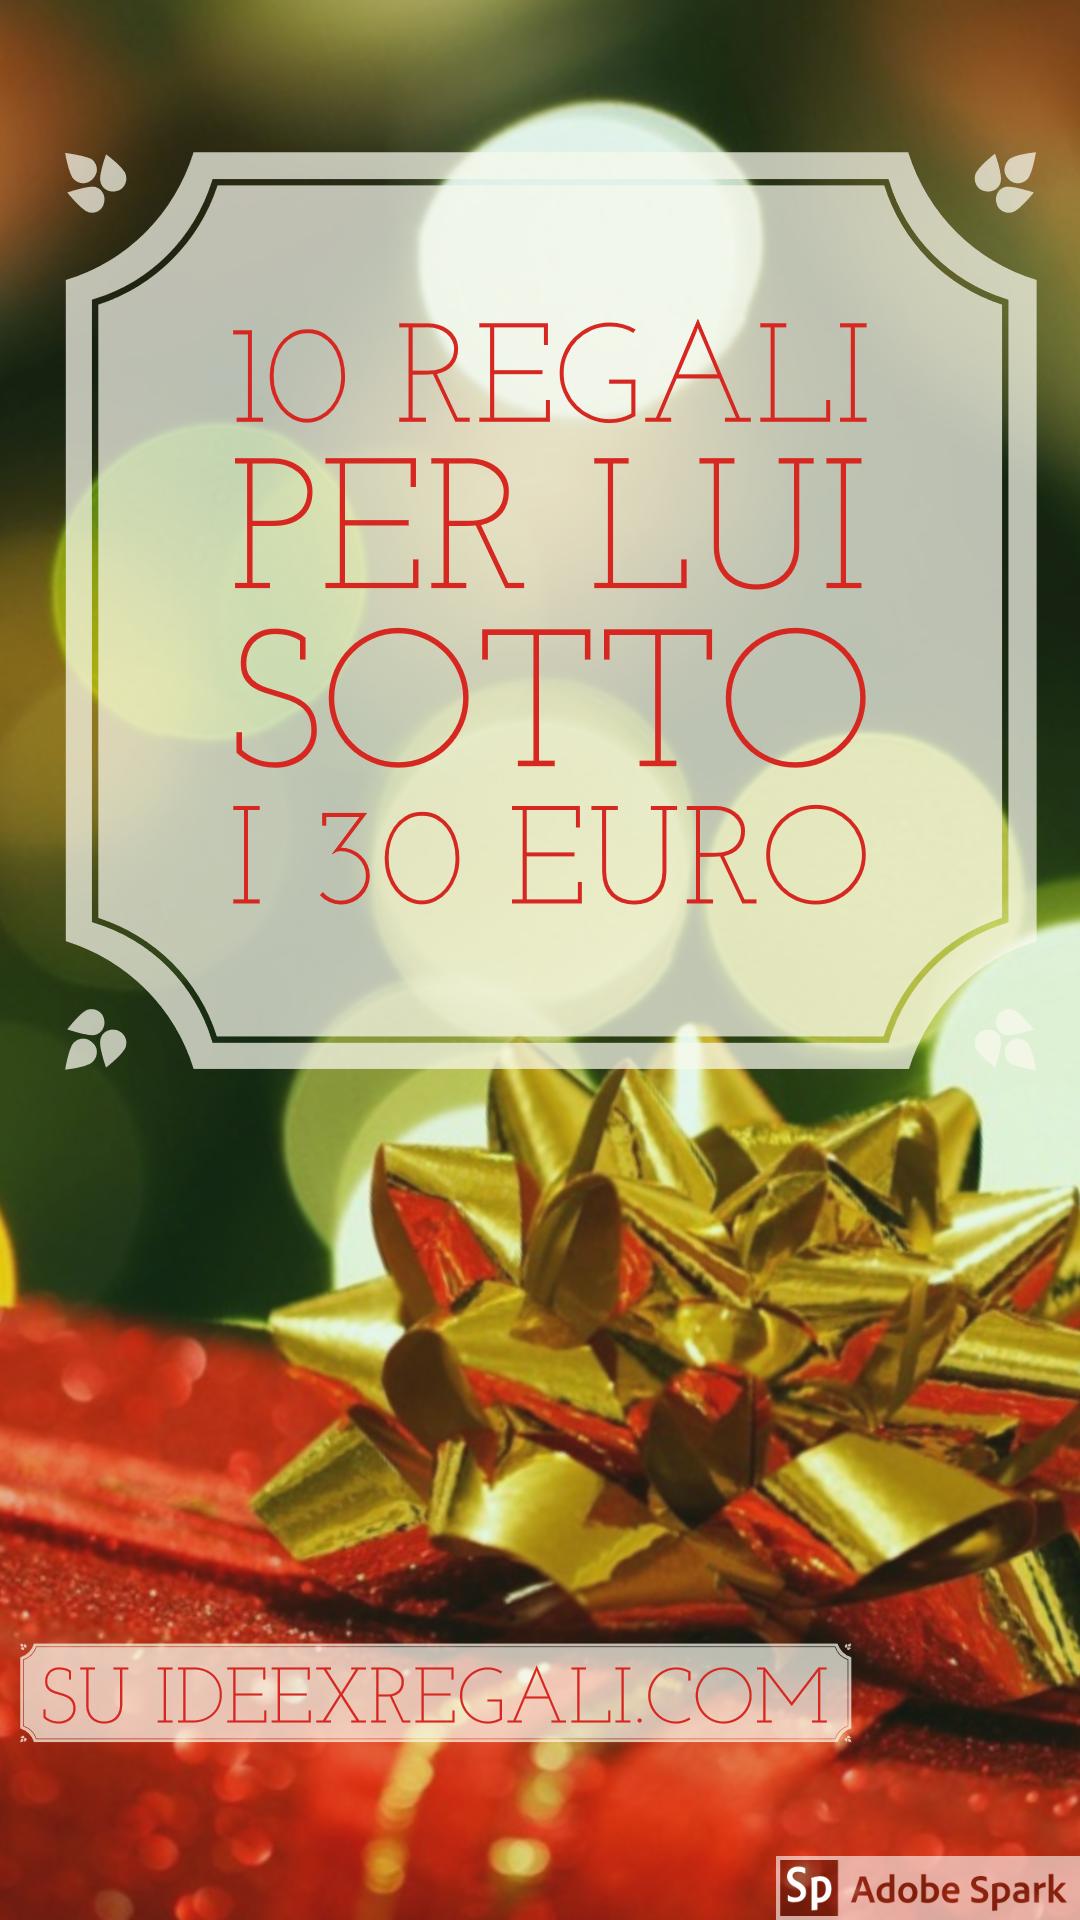 Regali Di Natale Sotto 10 Euro.Regali Di Natale Per Lui Sotto I 30 Euro Regali Di Natale Regali Regali Di Natale Economici